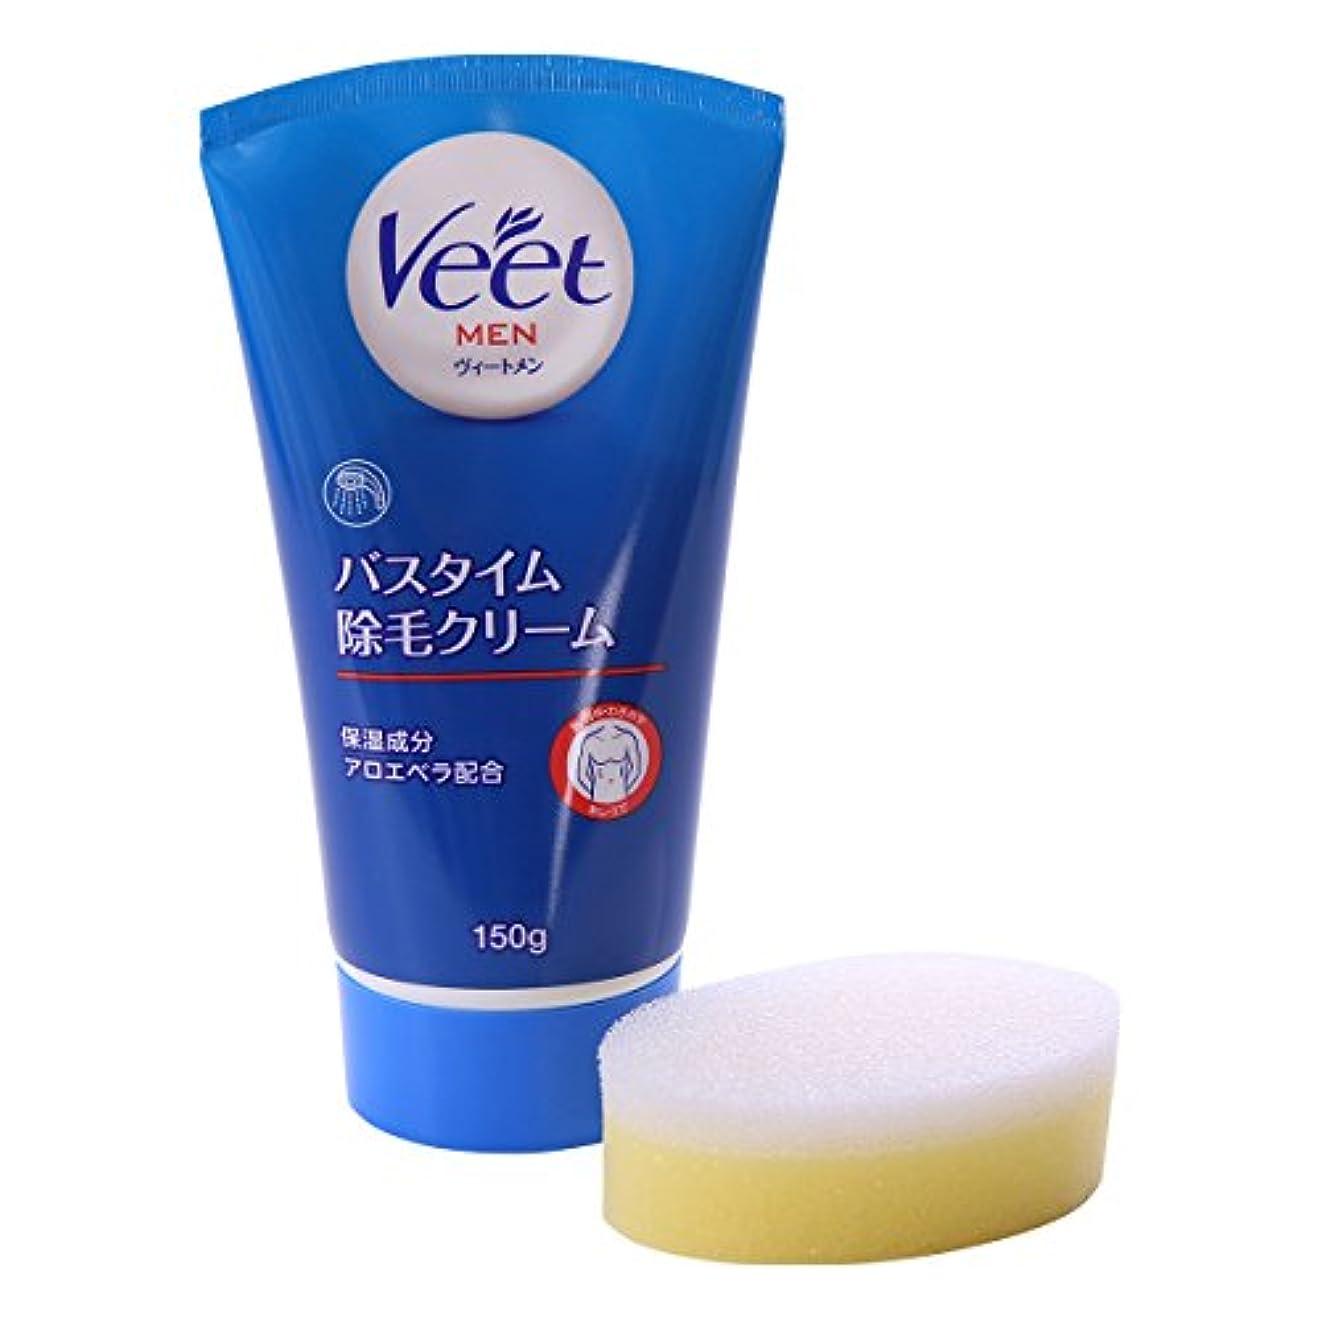 意義パンサーオーバーラン(ヴィート)Veet メンズ バスタイム 除毛クリーム あし うで 胸 背中 わきの下